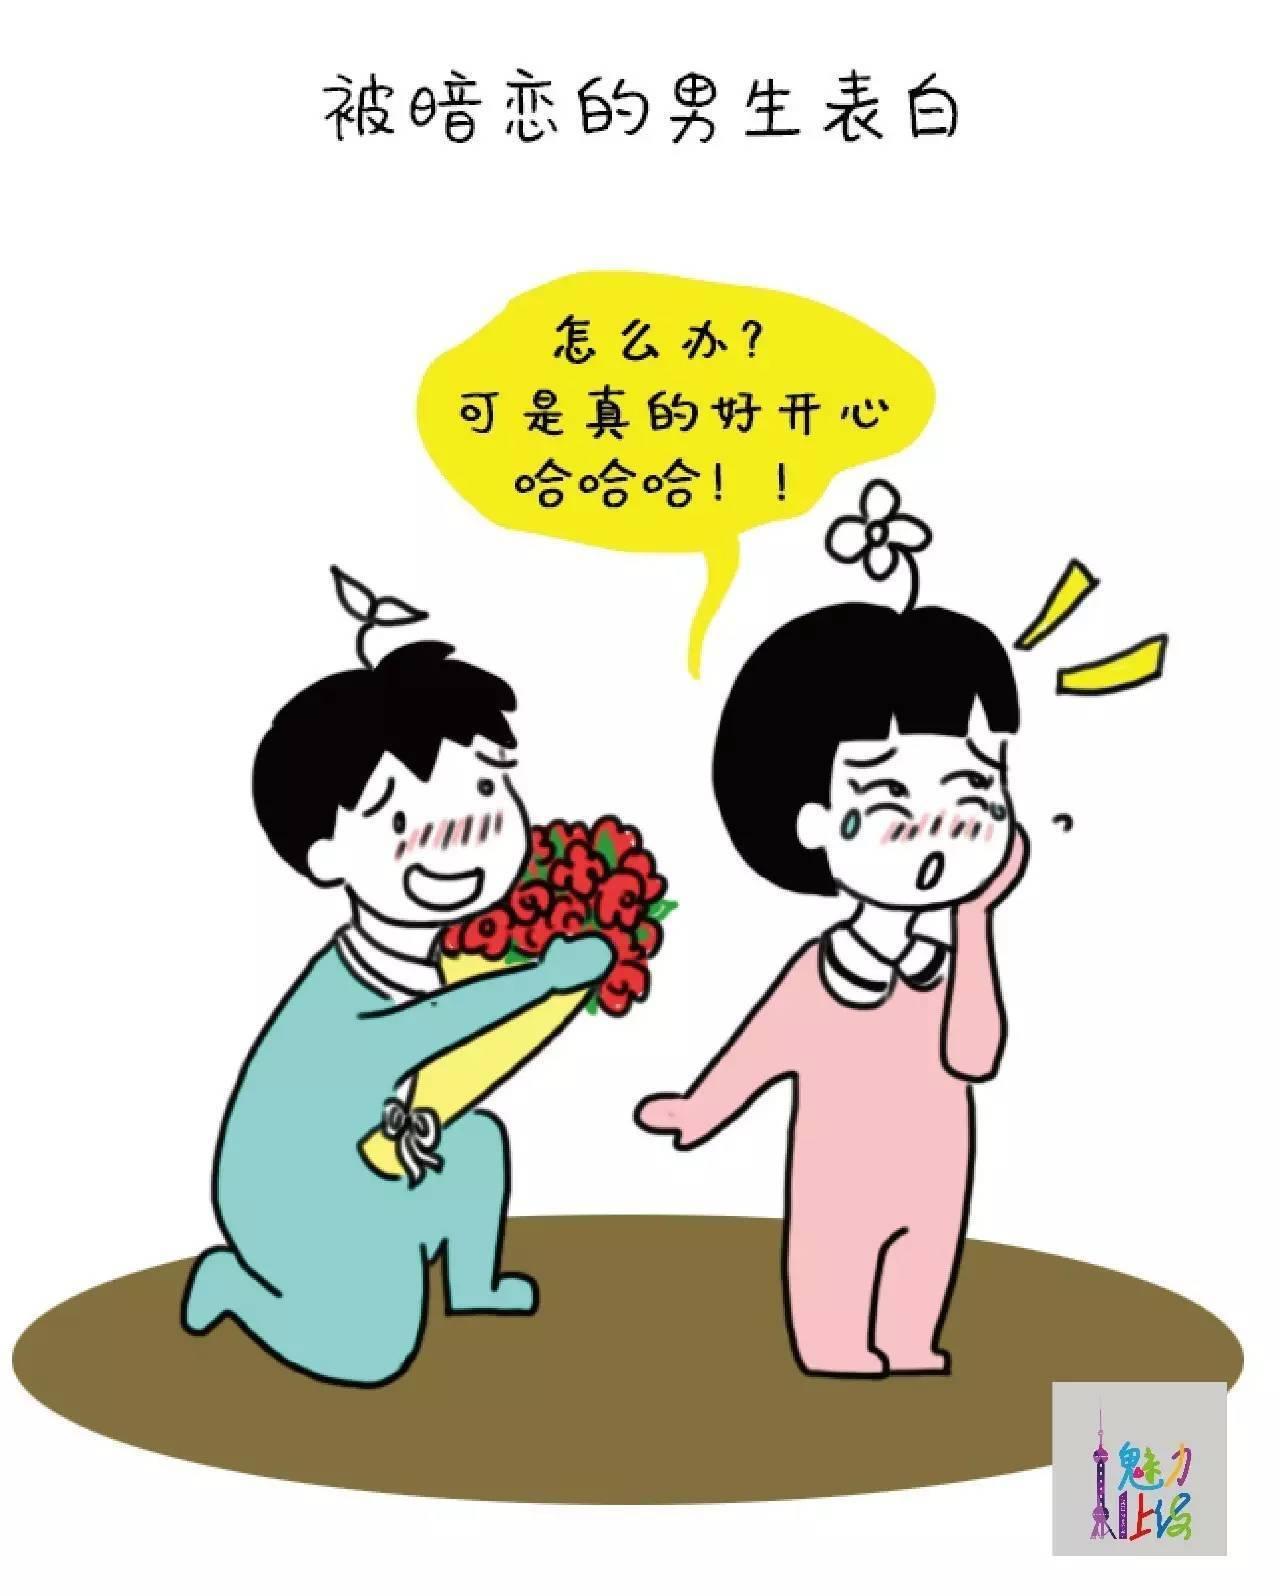 一个上海美颜v美颜a美颜的真实感受!我饭前必须先看三遍万色胖妞水母塑身仪图片